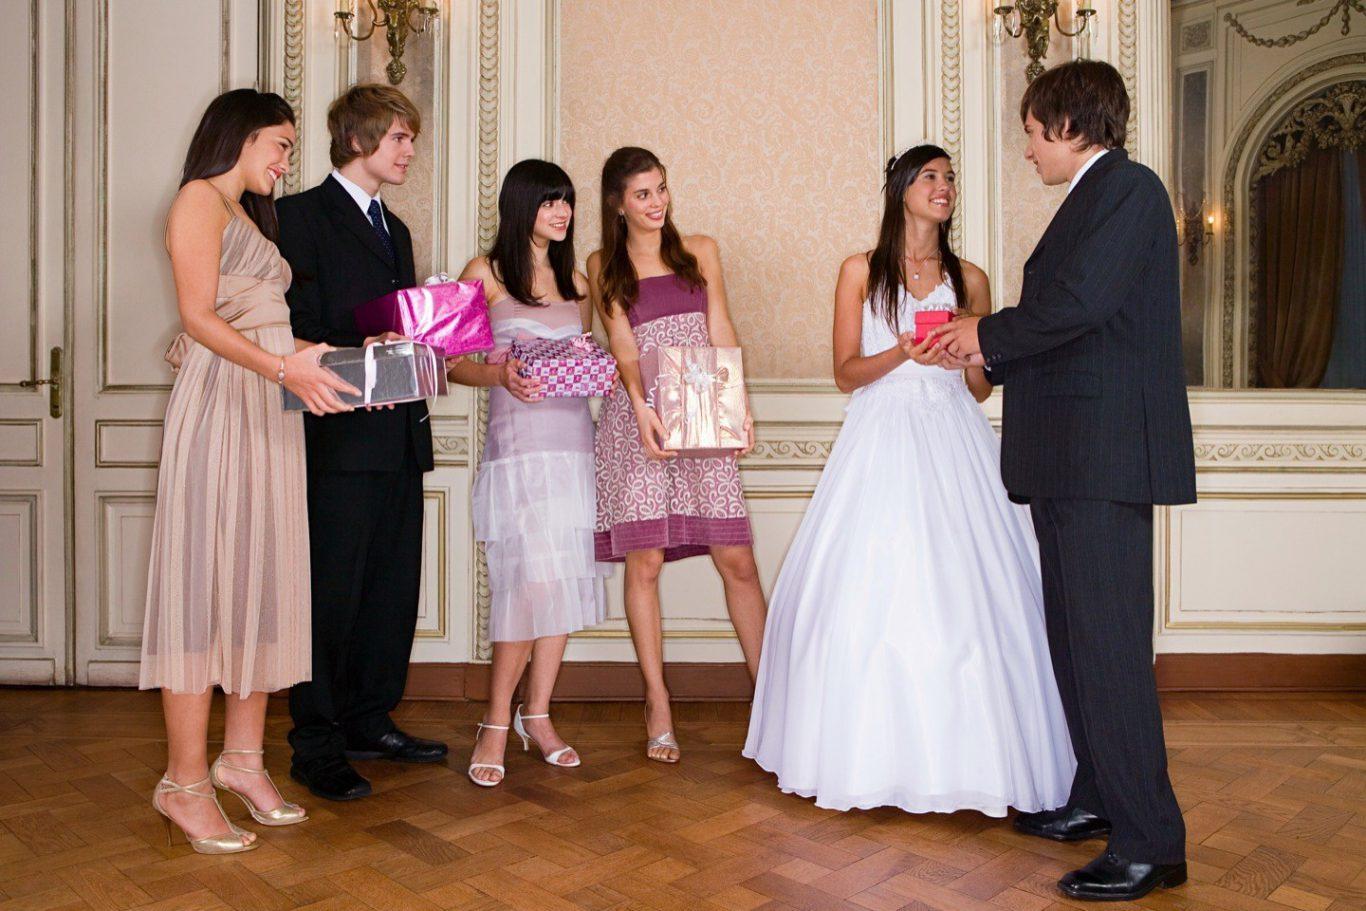 pravila_dlya_gostey_na_svadbe